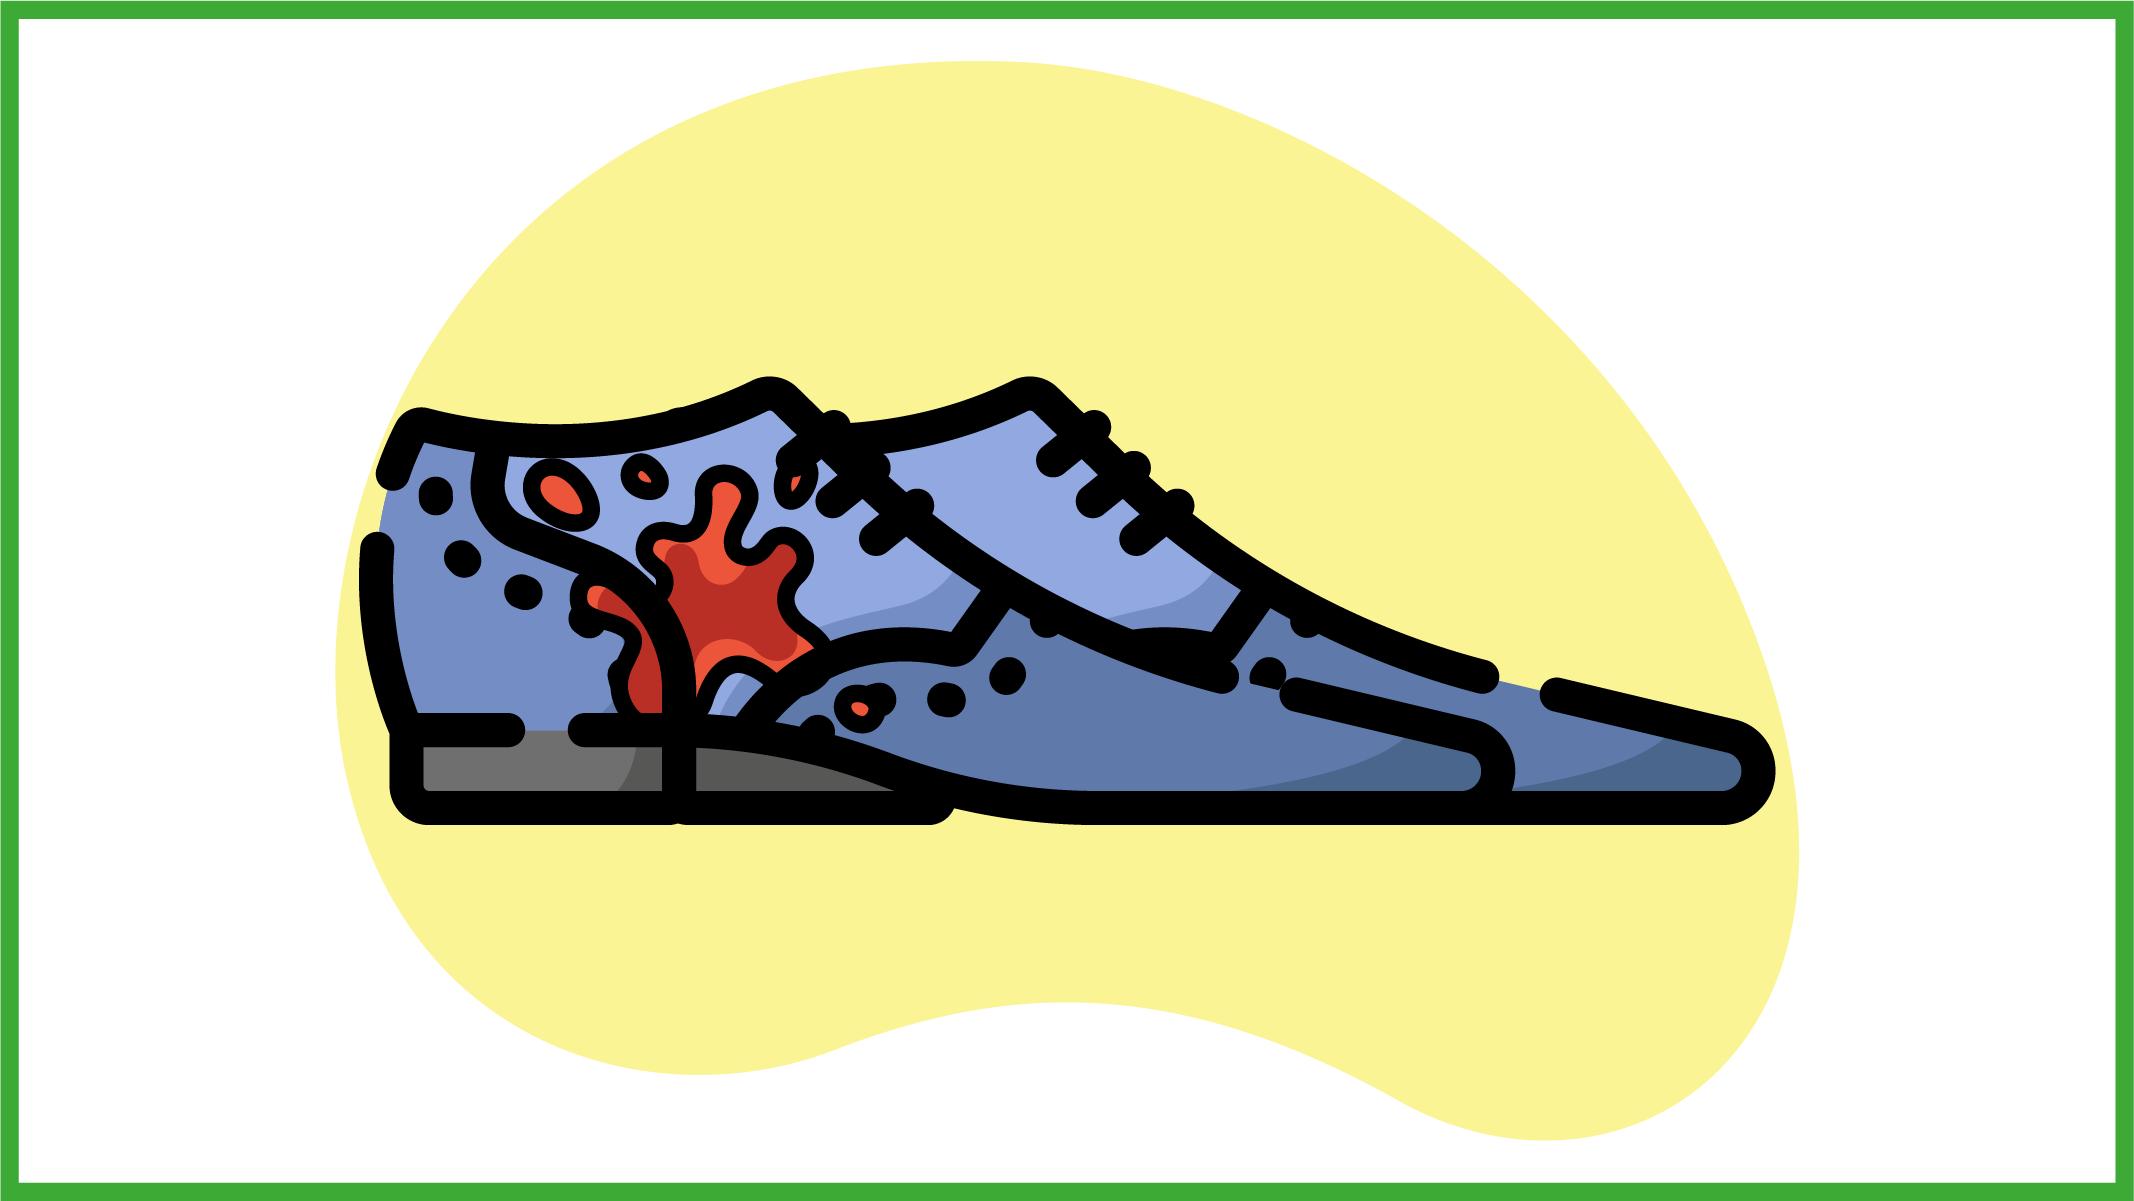 Immagine di un paio di scarpe in pelle scamosciata sporche di cioccolato